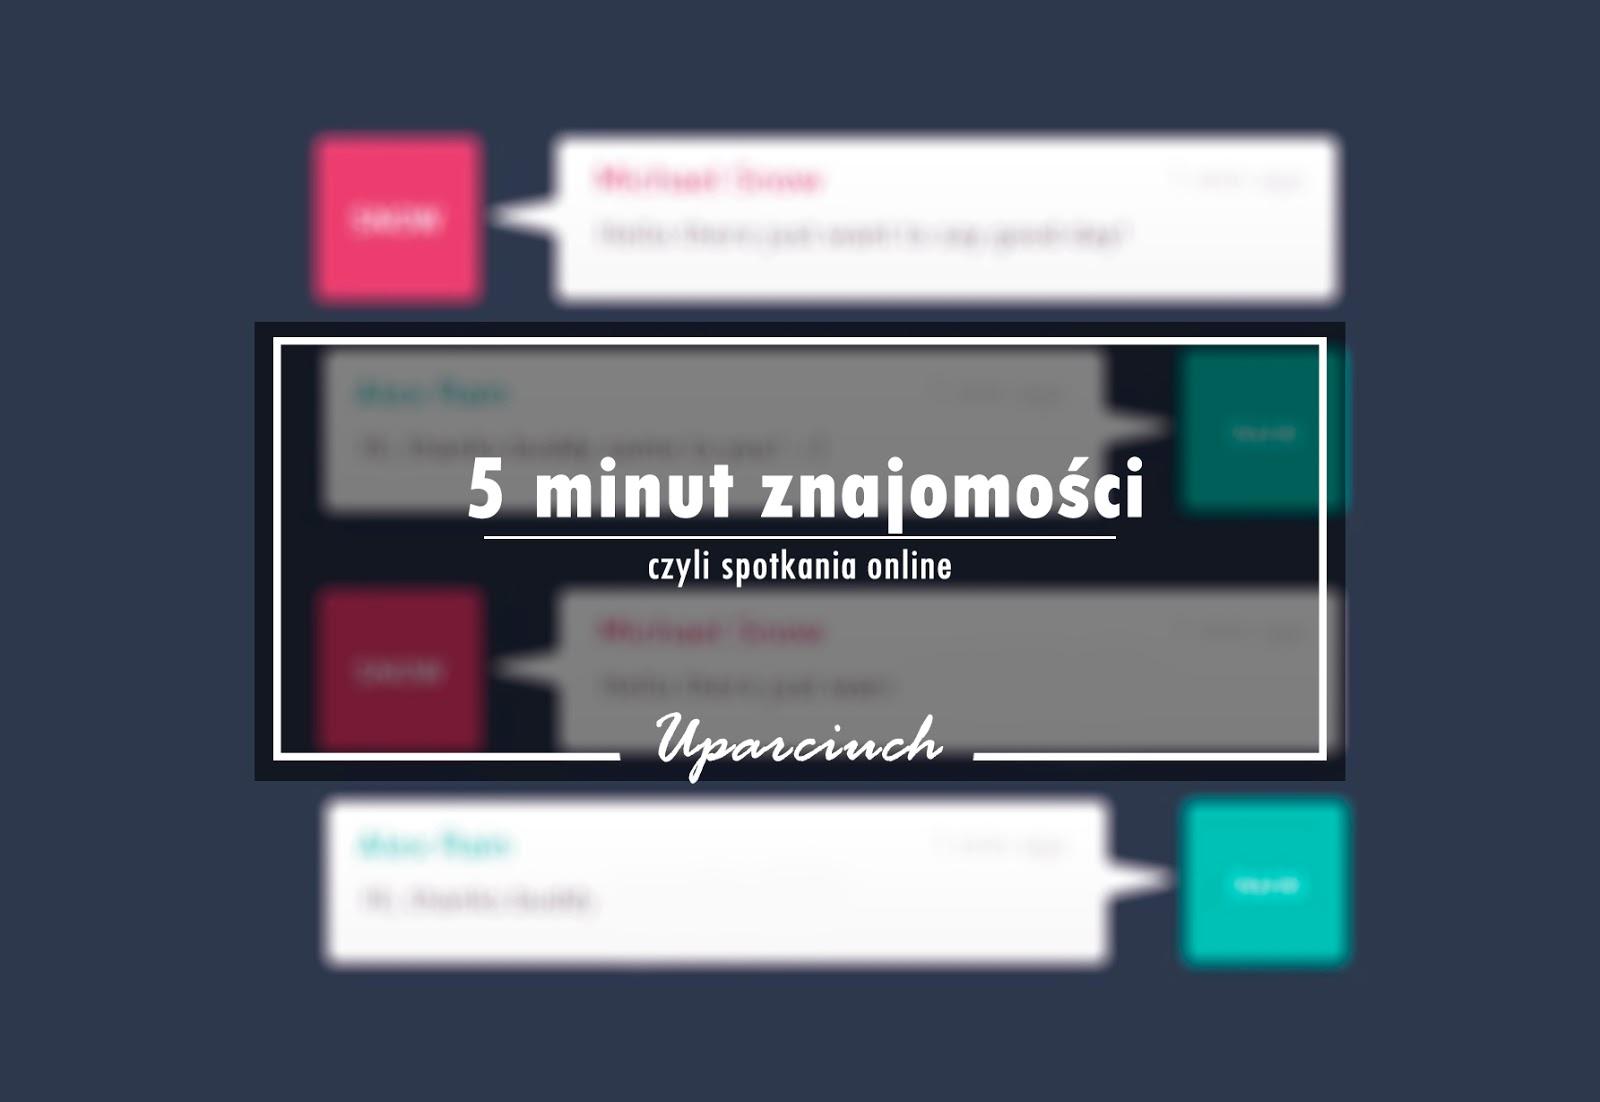 5 minut znajomości - czyli spotkania online